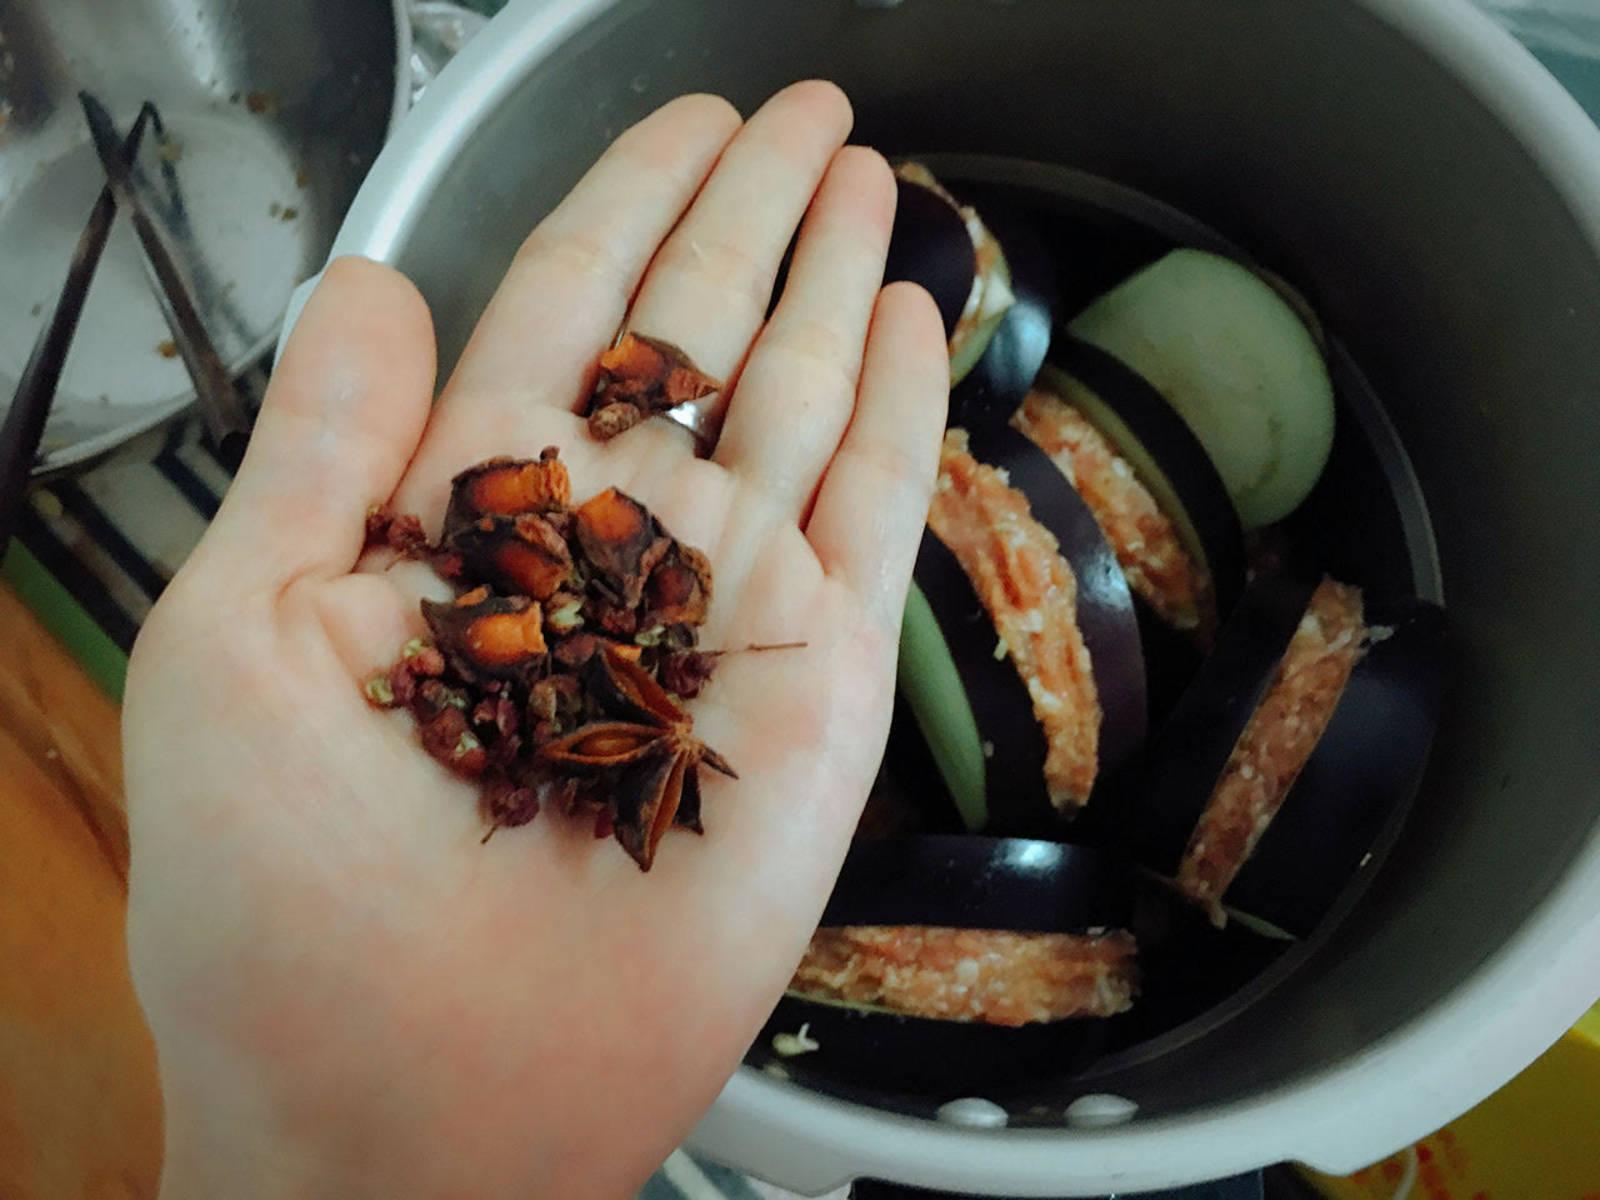 Gefüllte Auberginentaschen in den Dampfgarer legen. Sternanis und Szechuan-Pfefferkörner ins Wasser geben.